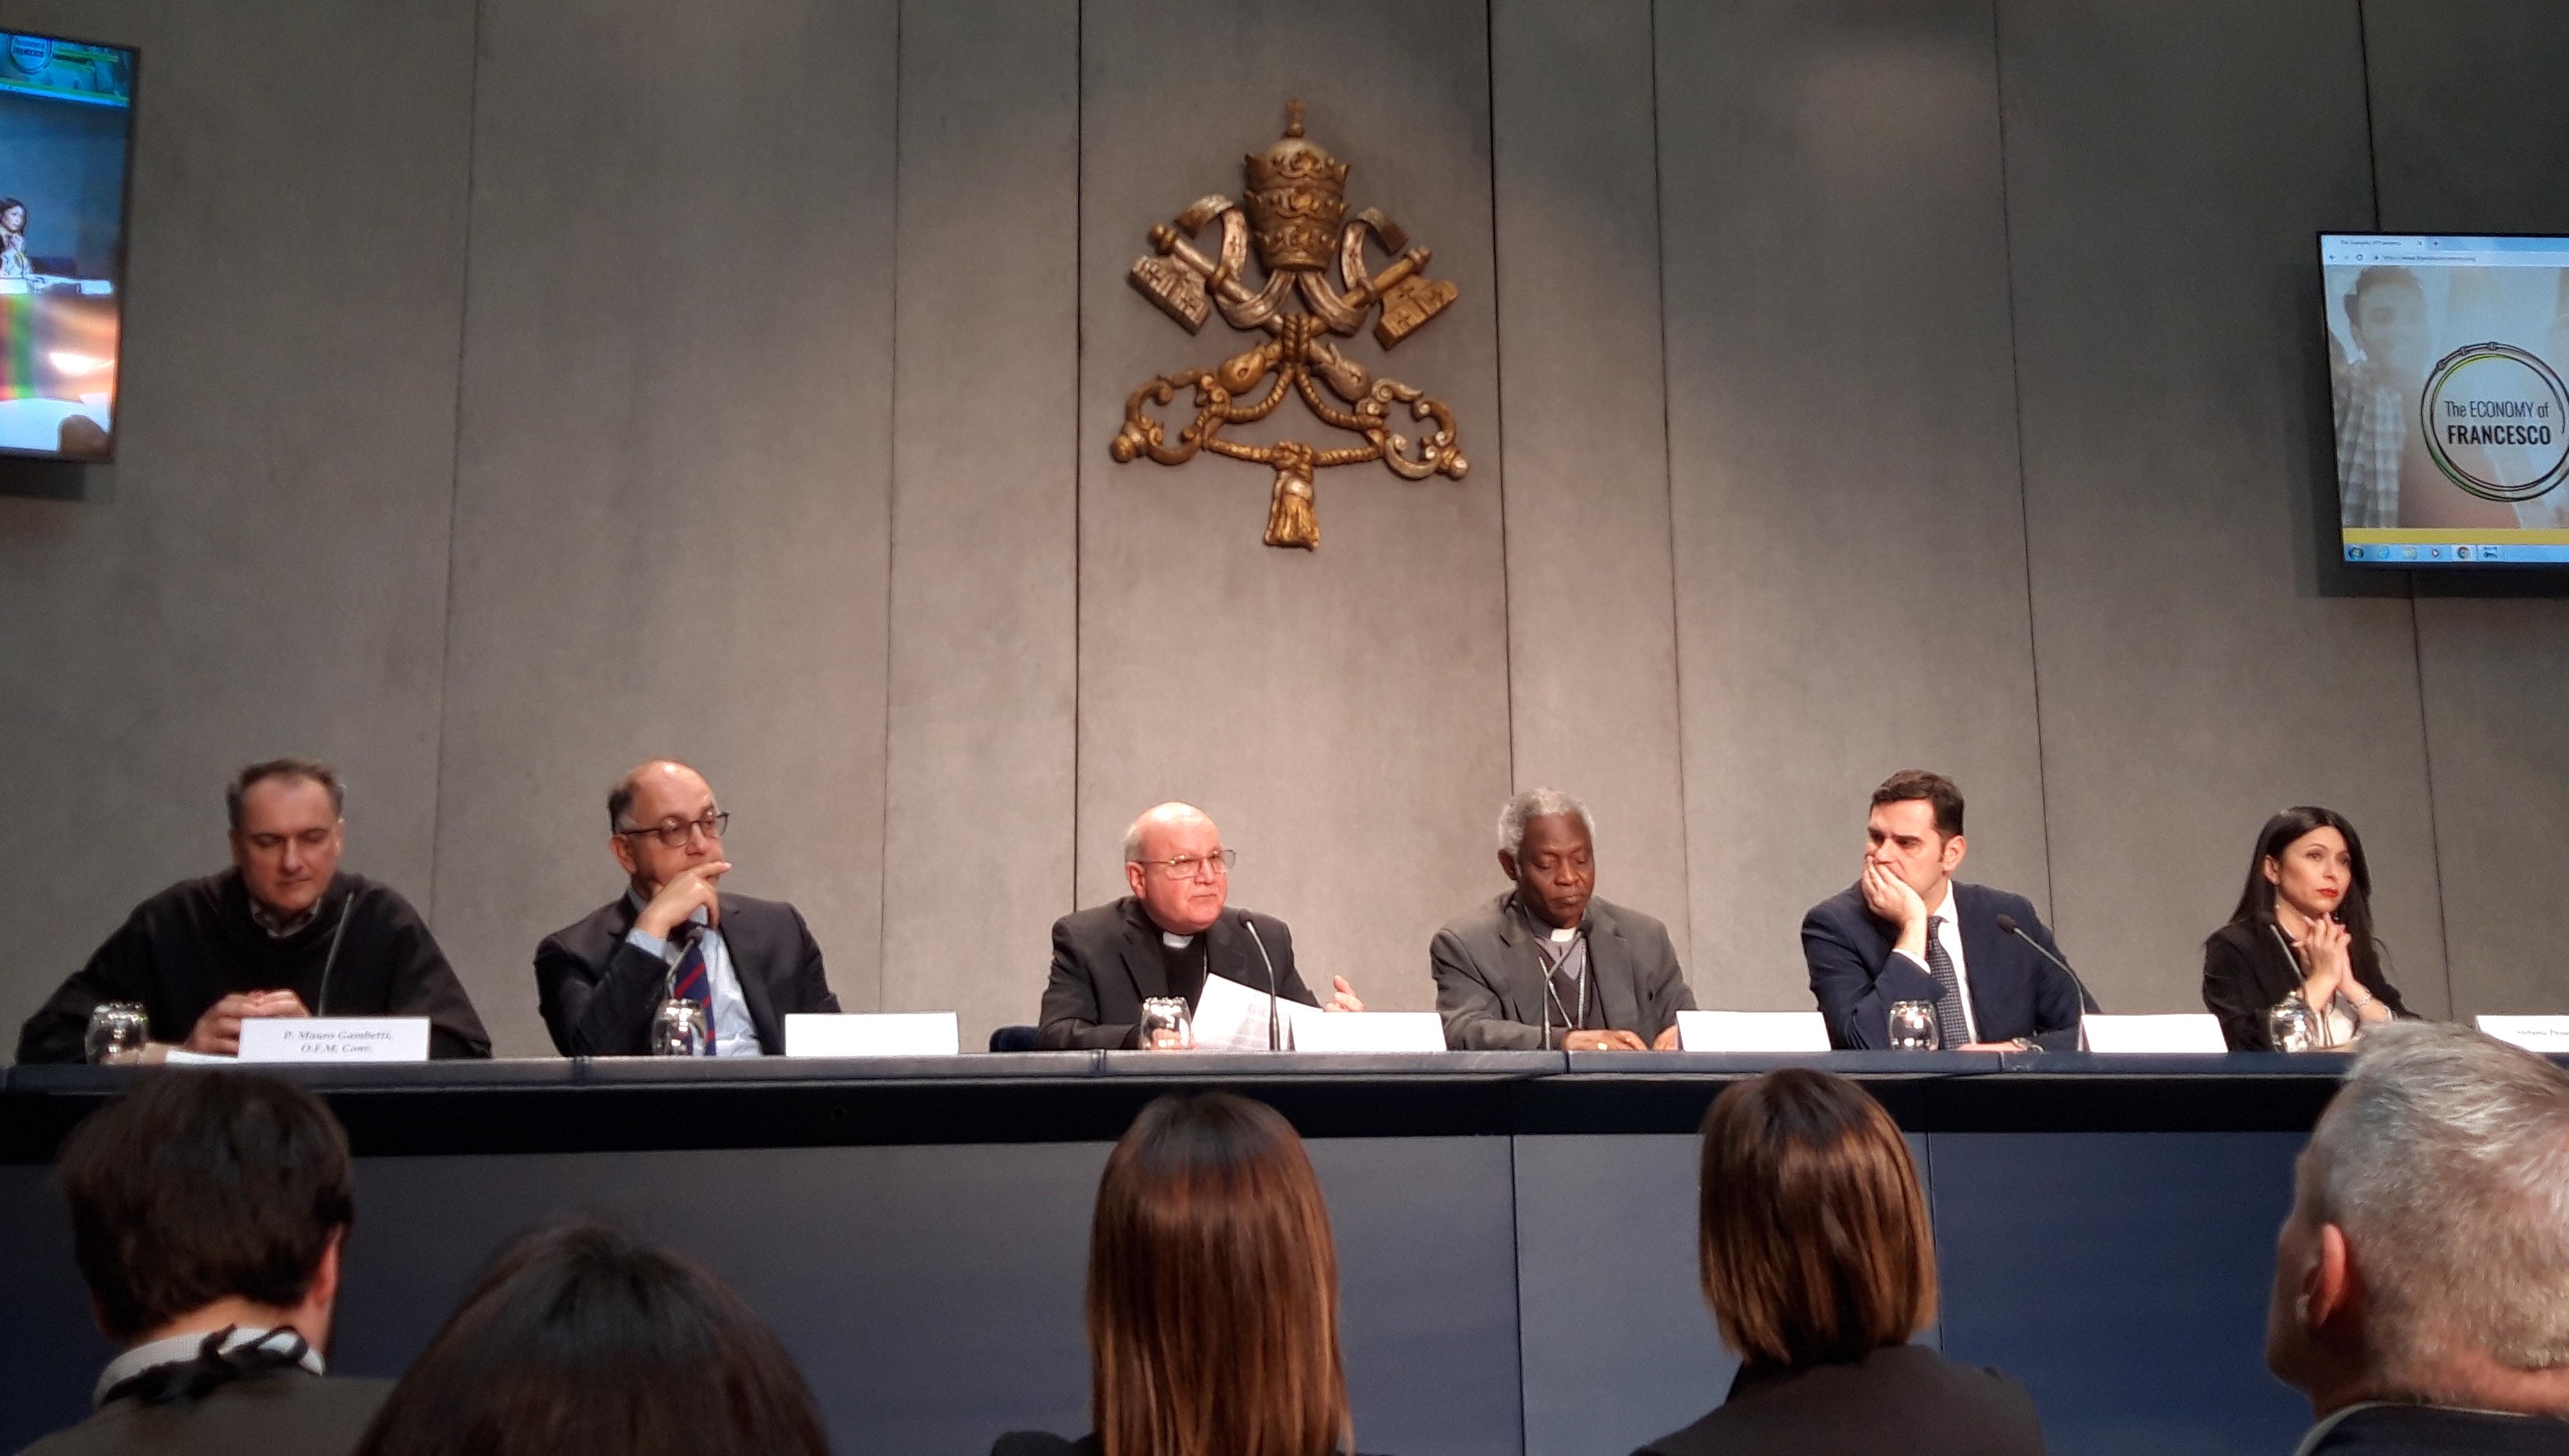 """Presentación del evento """"Economía de Francisco"""" en el Vaticano © Zenit/Rosa Die Alcolea"""